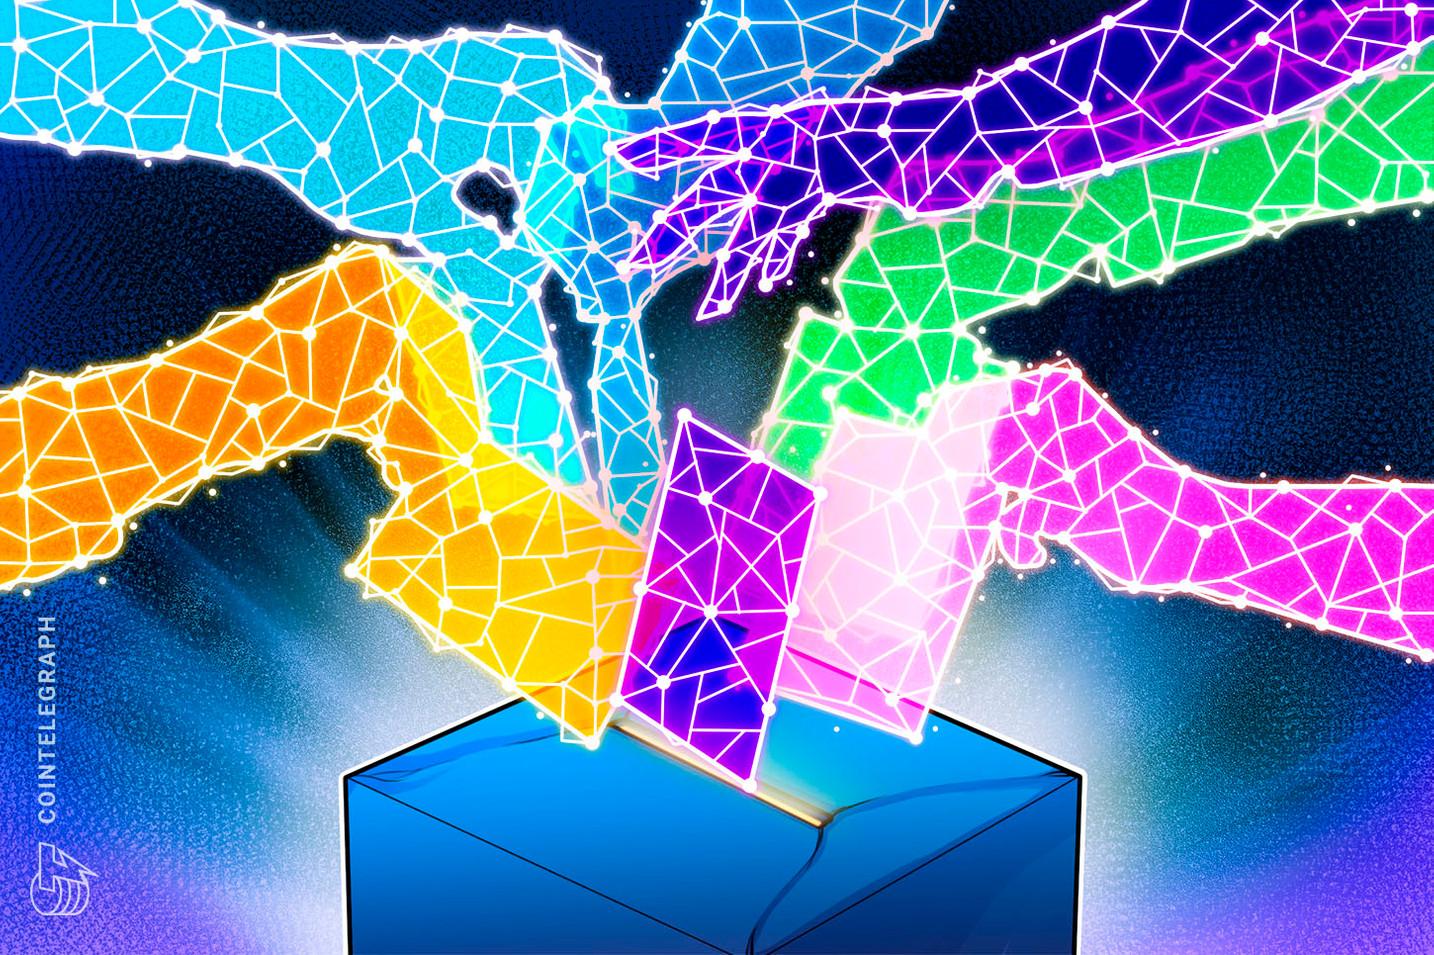 ブロックチェーン投票アプリ、 新型コロナで導入加速となるか | 11月の米大統領選挙に向けて開発する企業も